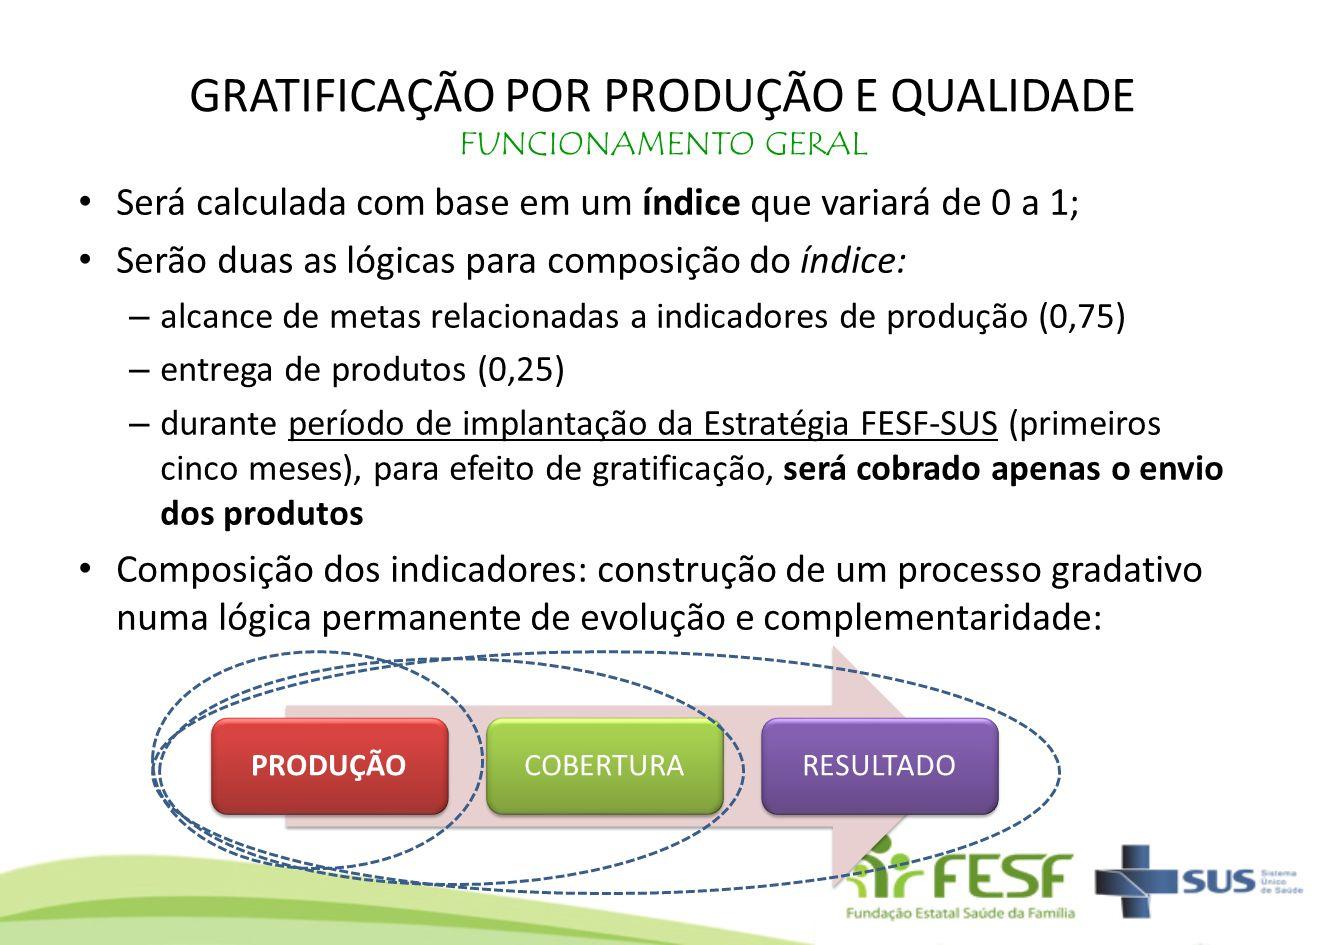 GRATIFICAÇÃO POR PRODUÇÃO E QUALIDADE FUNCIONAMENTO GERAL